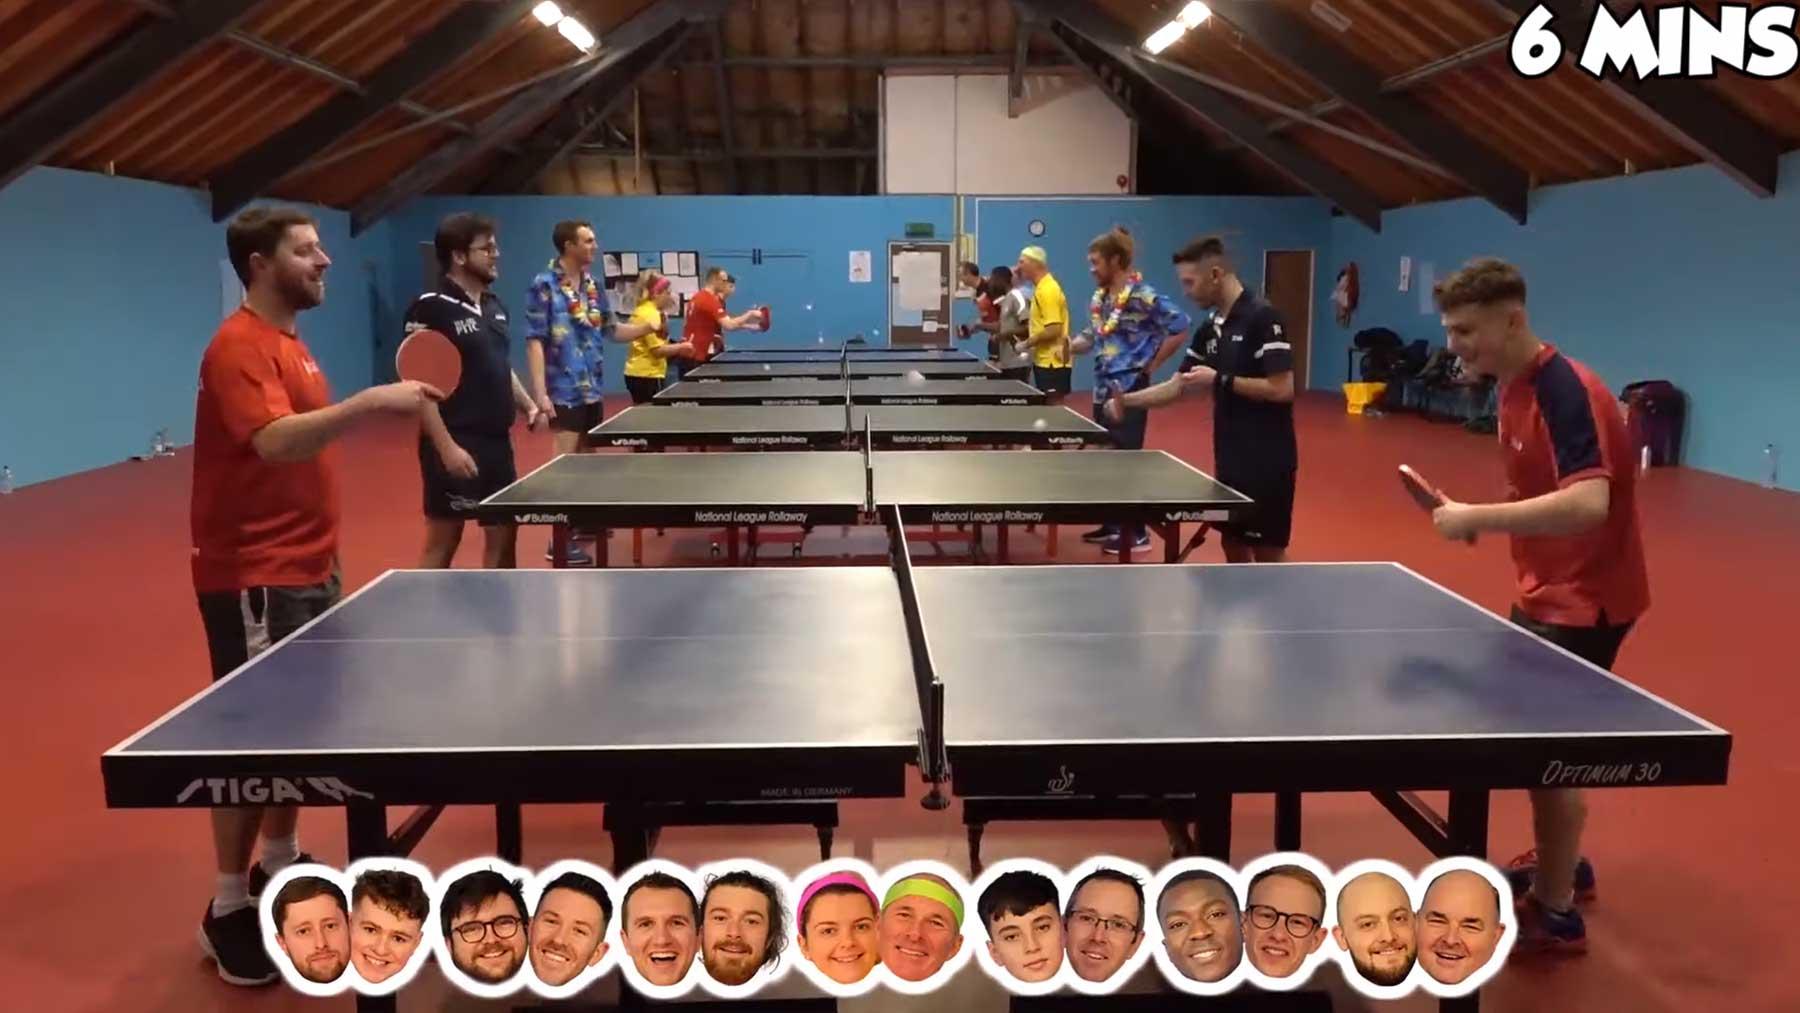 Tischtennis-Team mit längstem Ballwechsel gewinnt 1.000 Pfund tischtennis-ausdauer-challenge